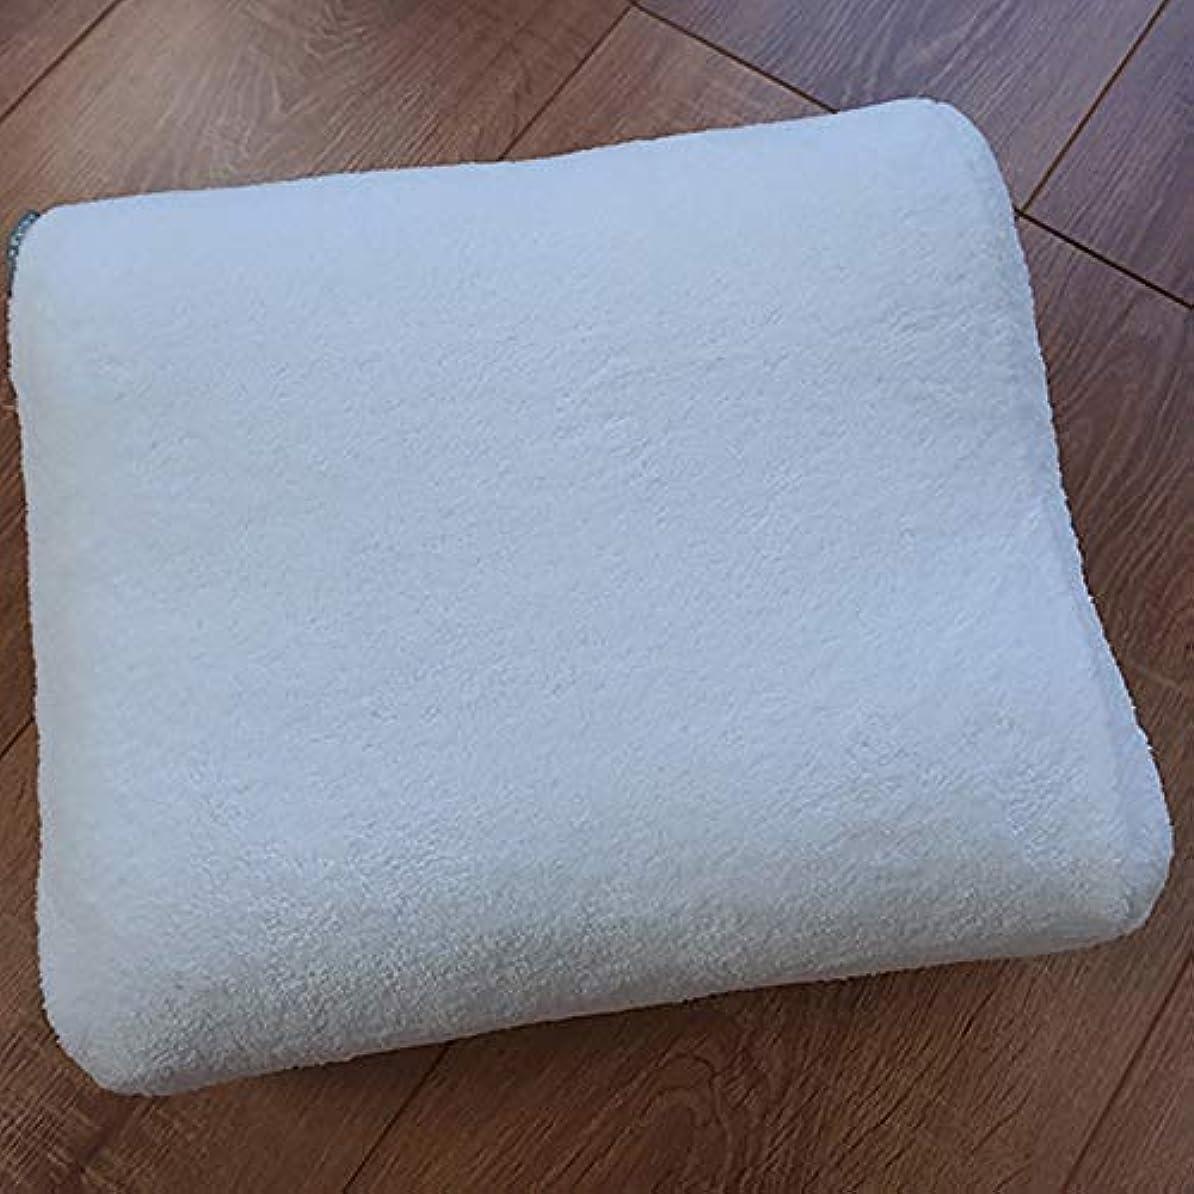 浴槽枕 吸盤の3Dユニバーサルノンスリップ赤ちゃんのお風呂の枕ヘッドレストクッションホテルのバスタブ枕 バスルーム枕 (色 : 白)